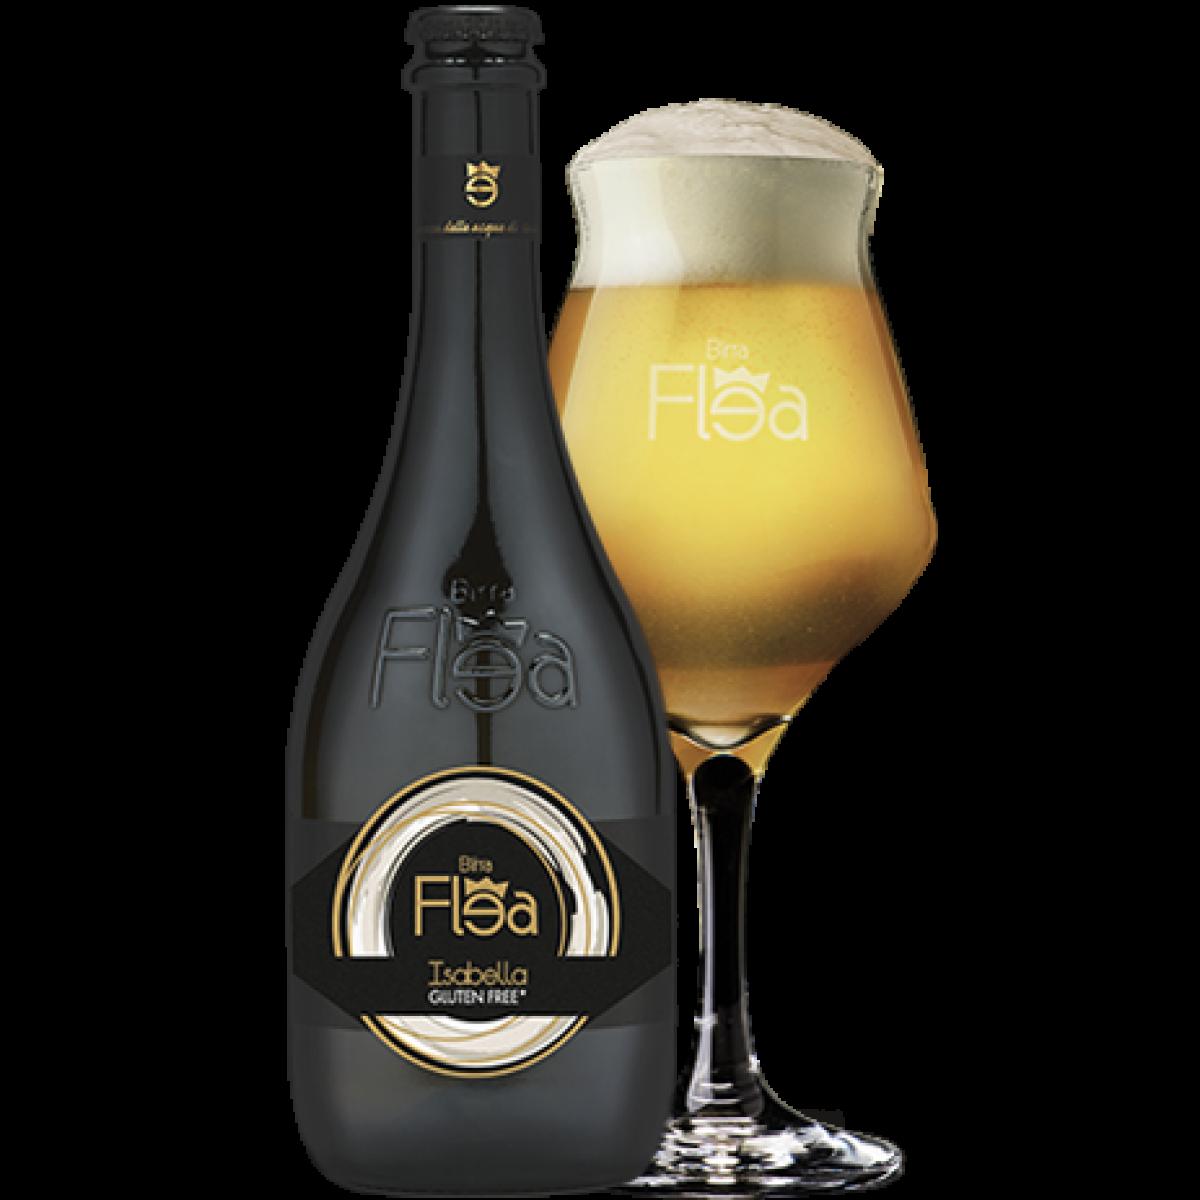 Isabella Blond Bier